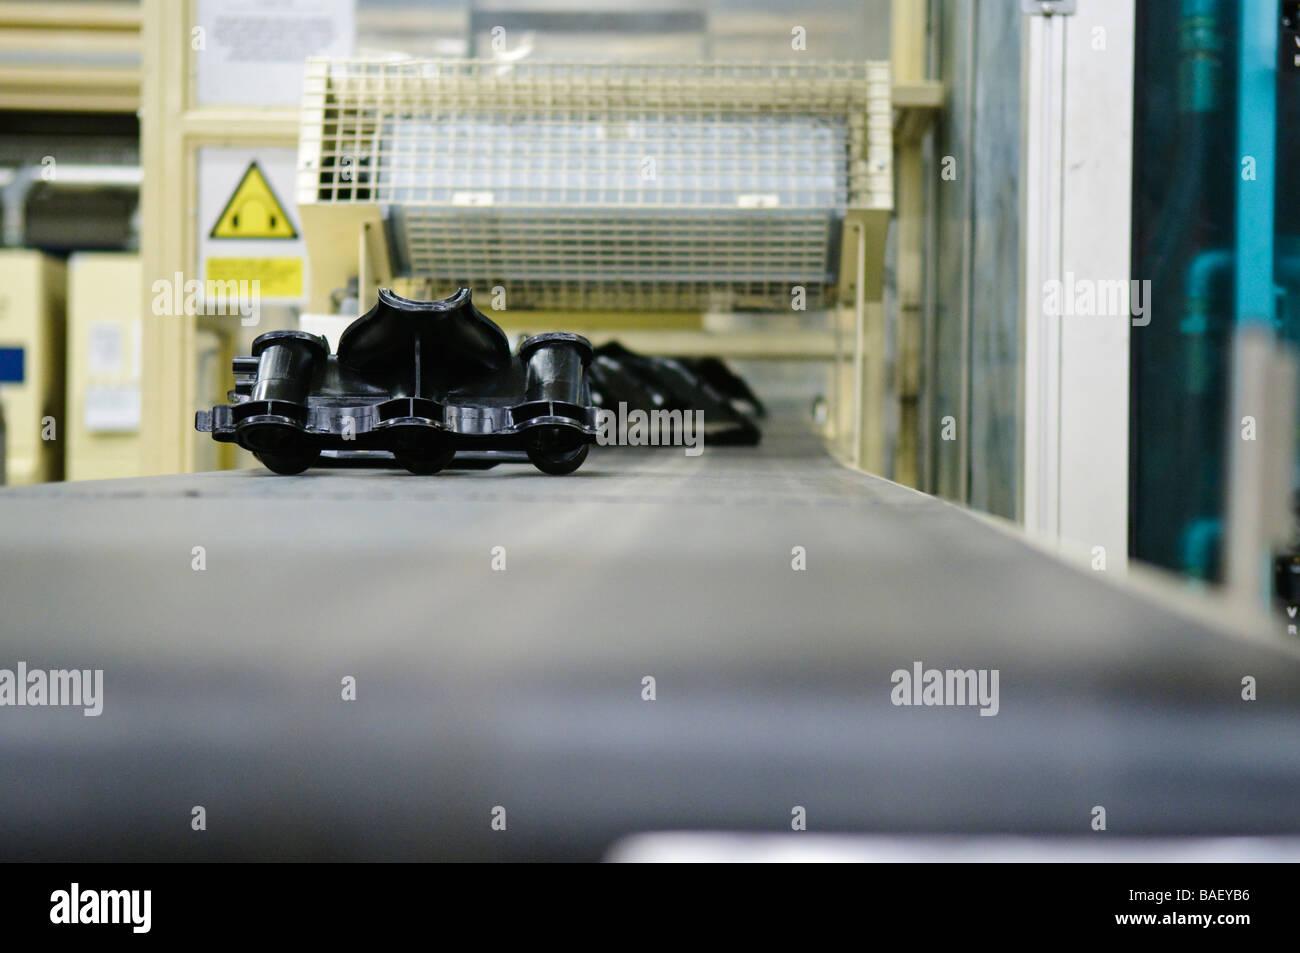 Collettori di aspirazione per Ford 4.0L motori SOHC su una linea di produzione Immagini Stock